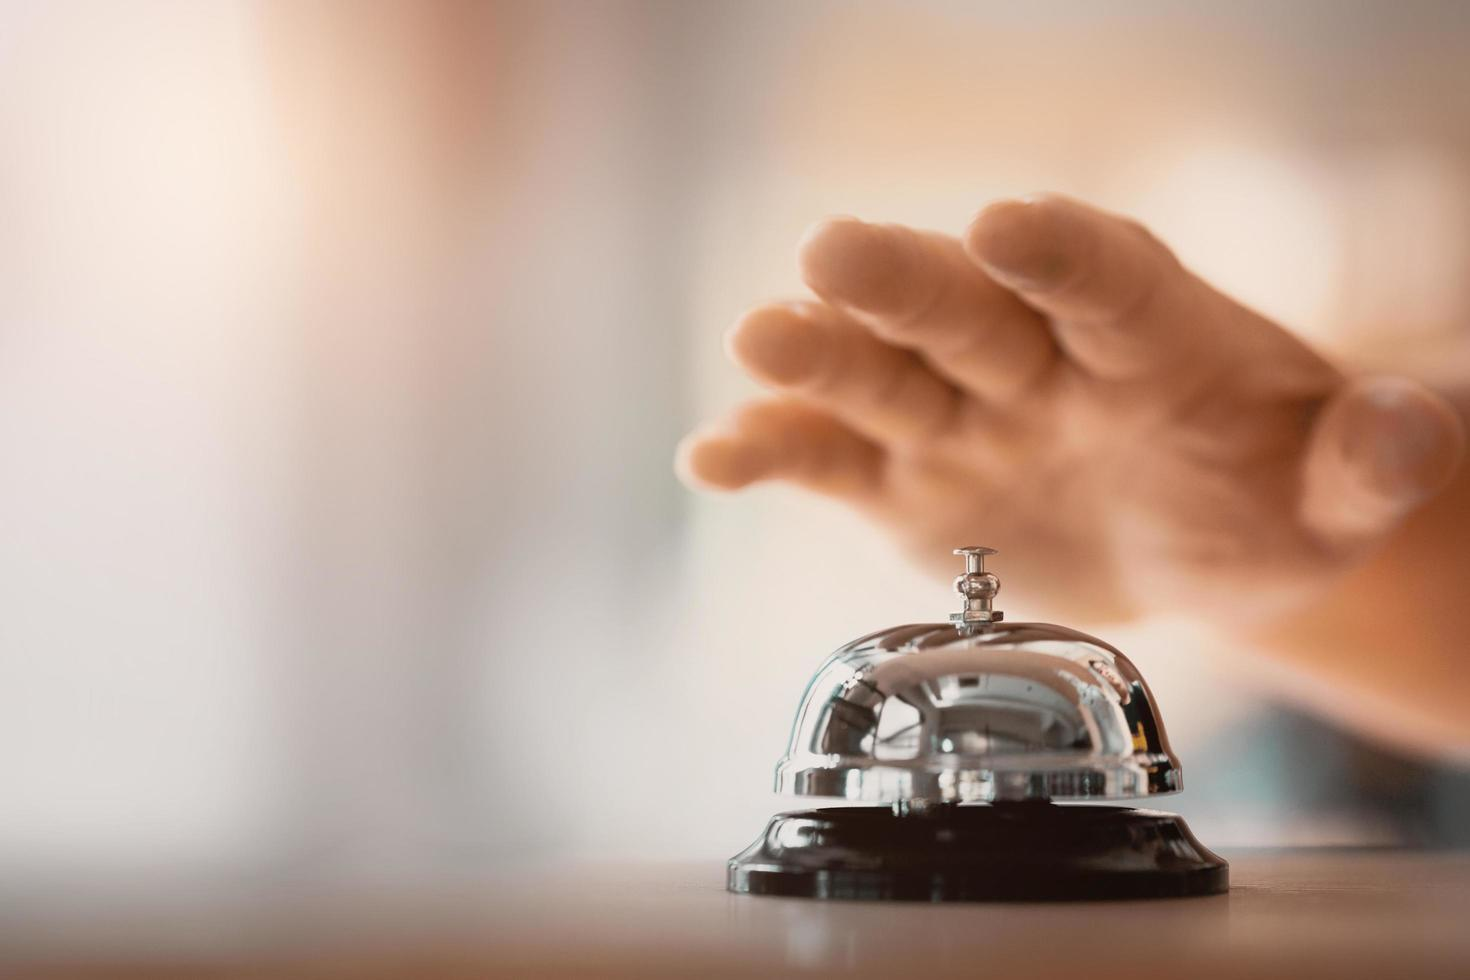 campana de servicio y mano foto